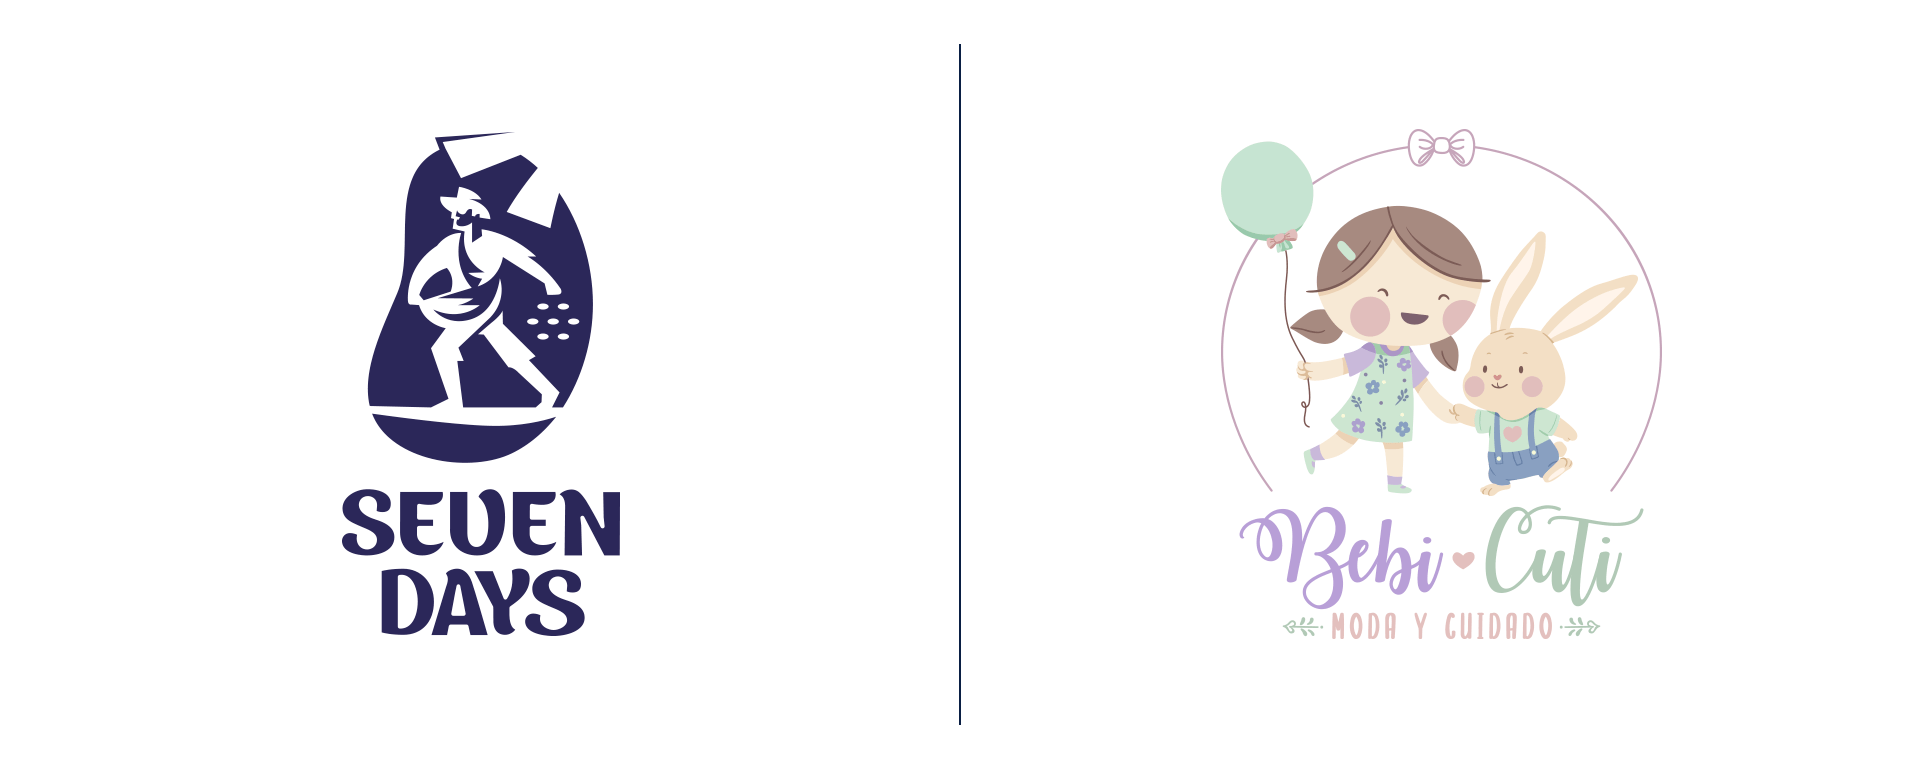 Manya branding para Seven Days y Bebicuti